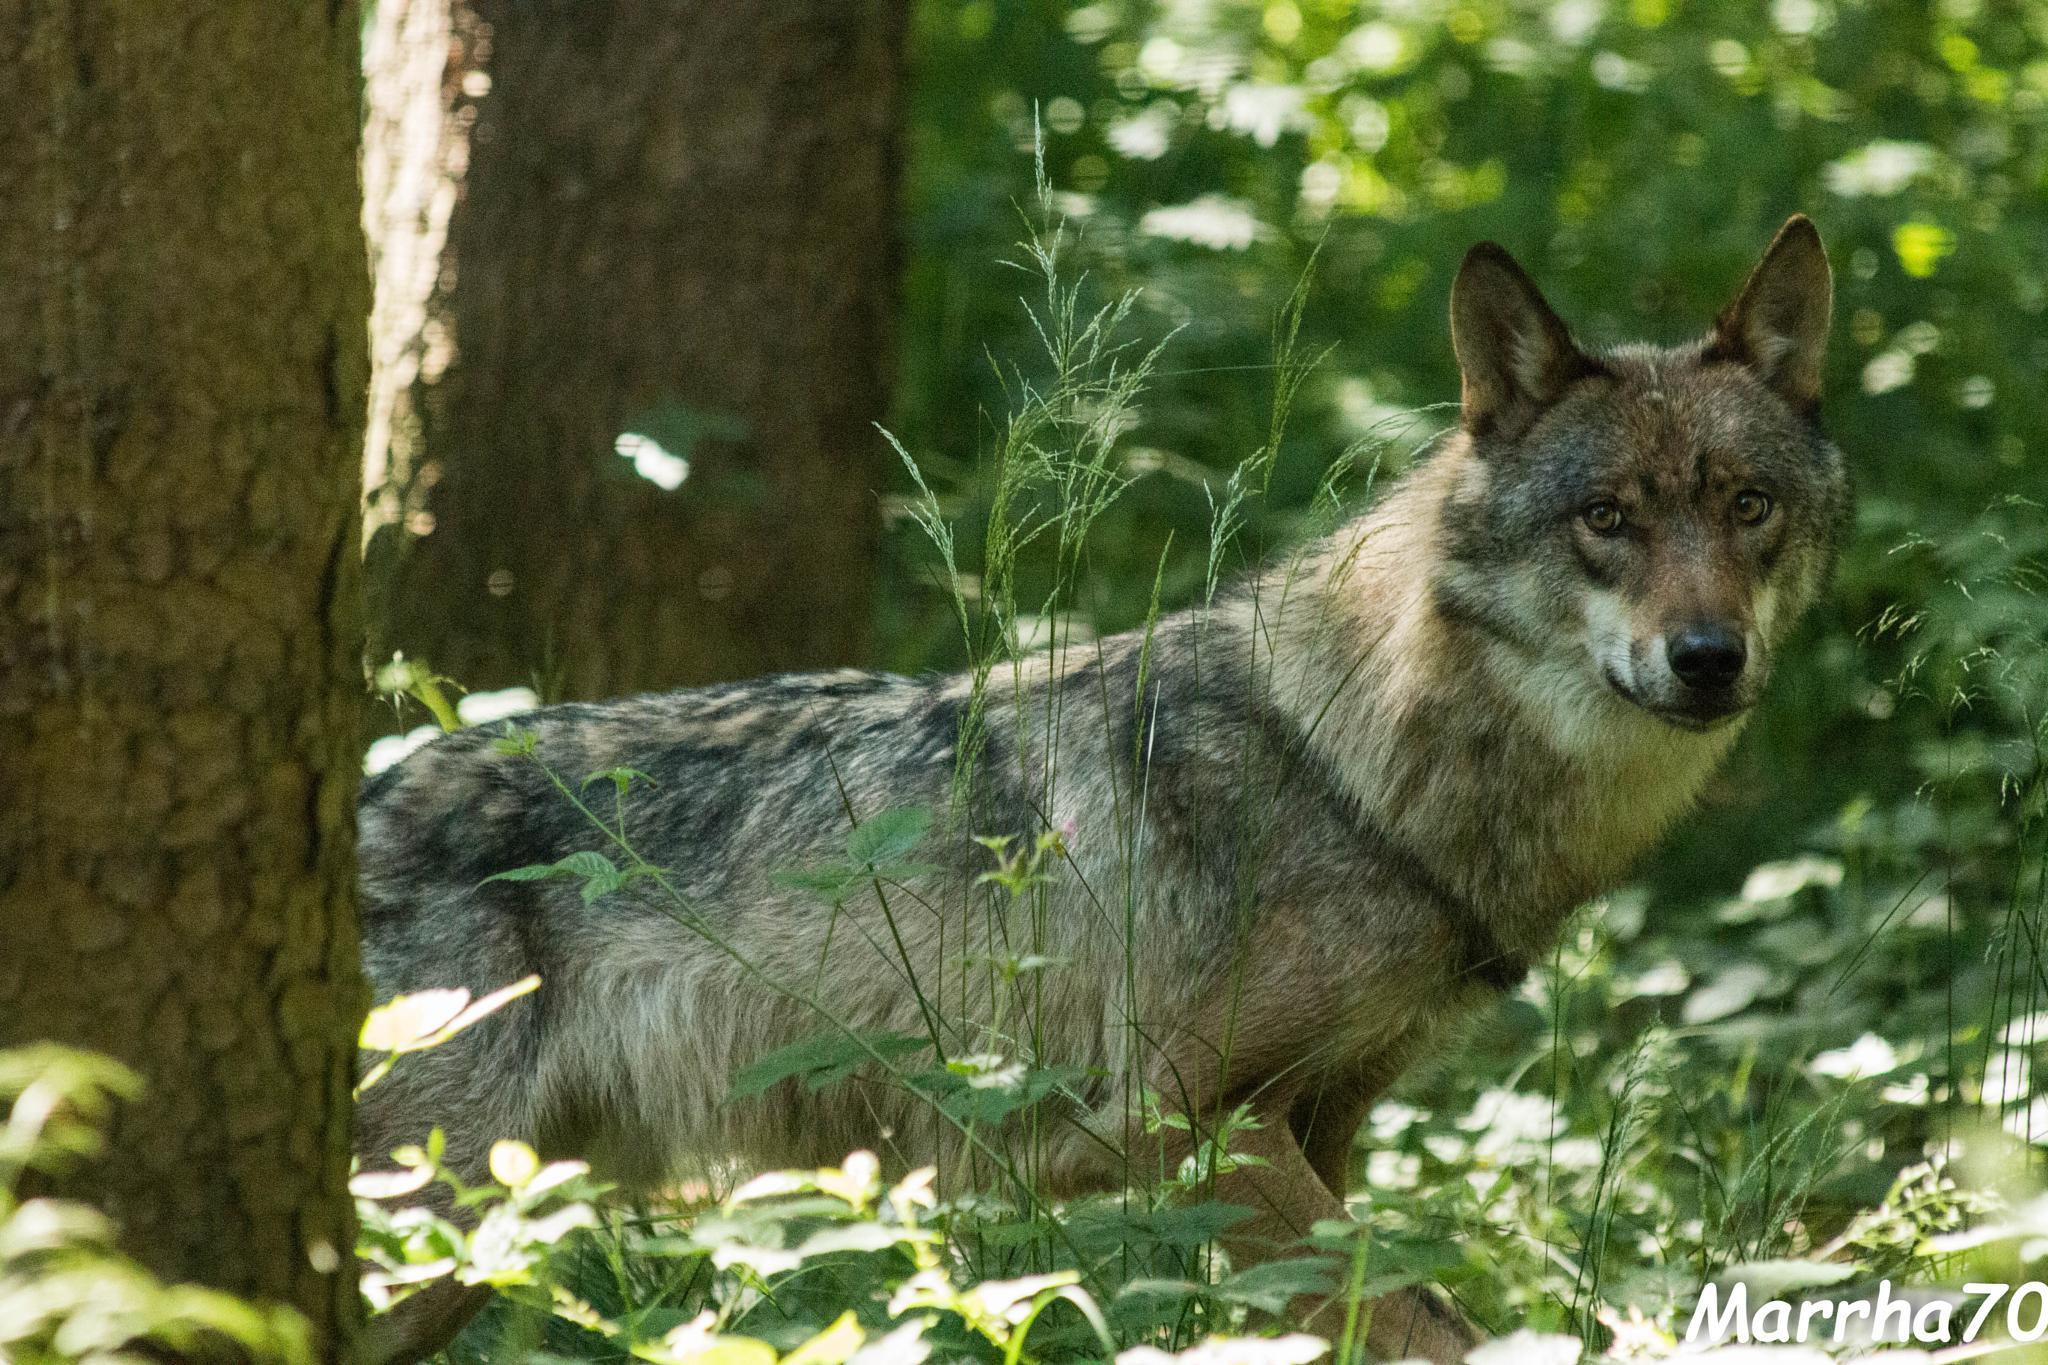 Big bad wolf... by marrha70